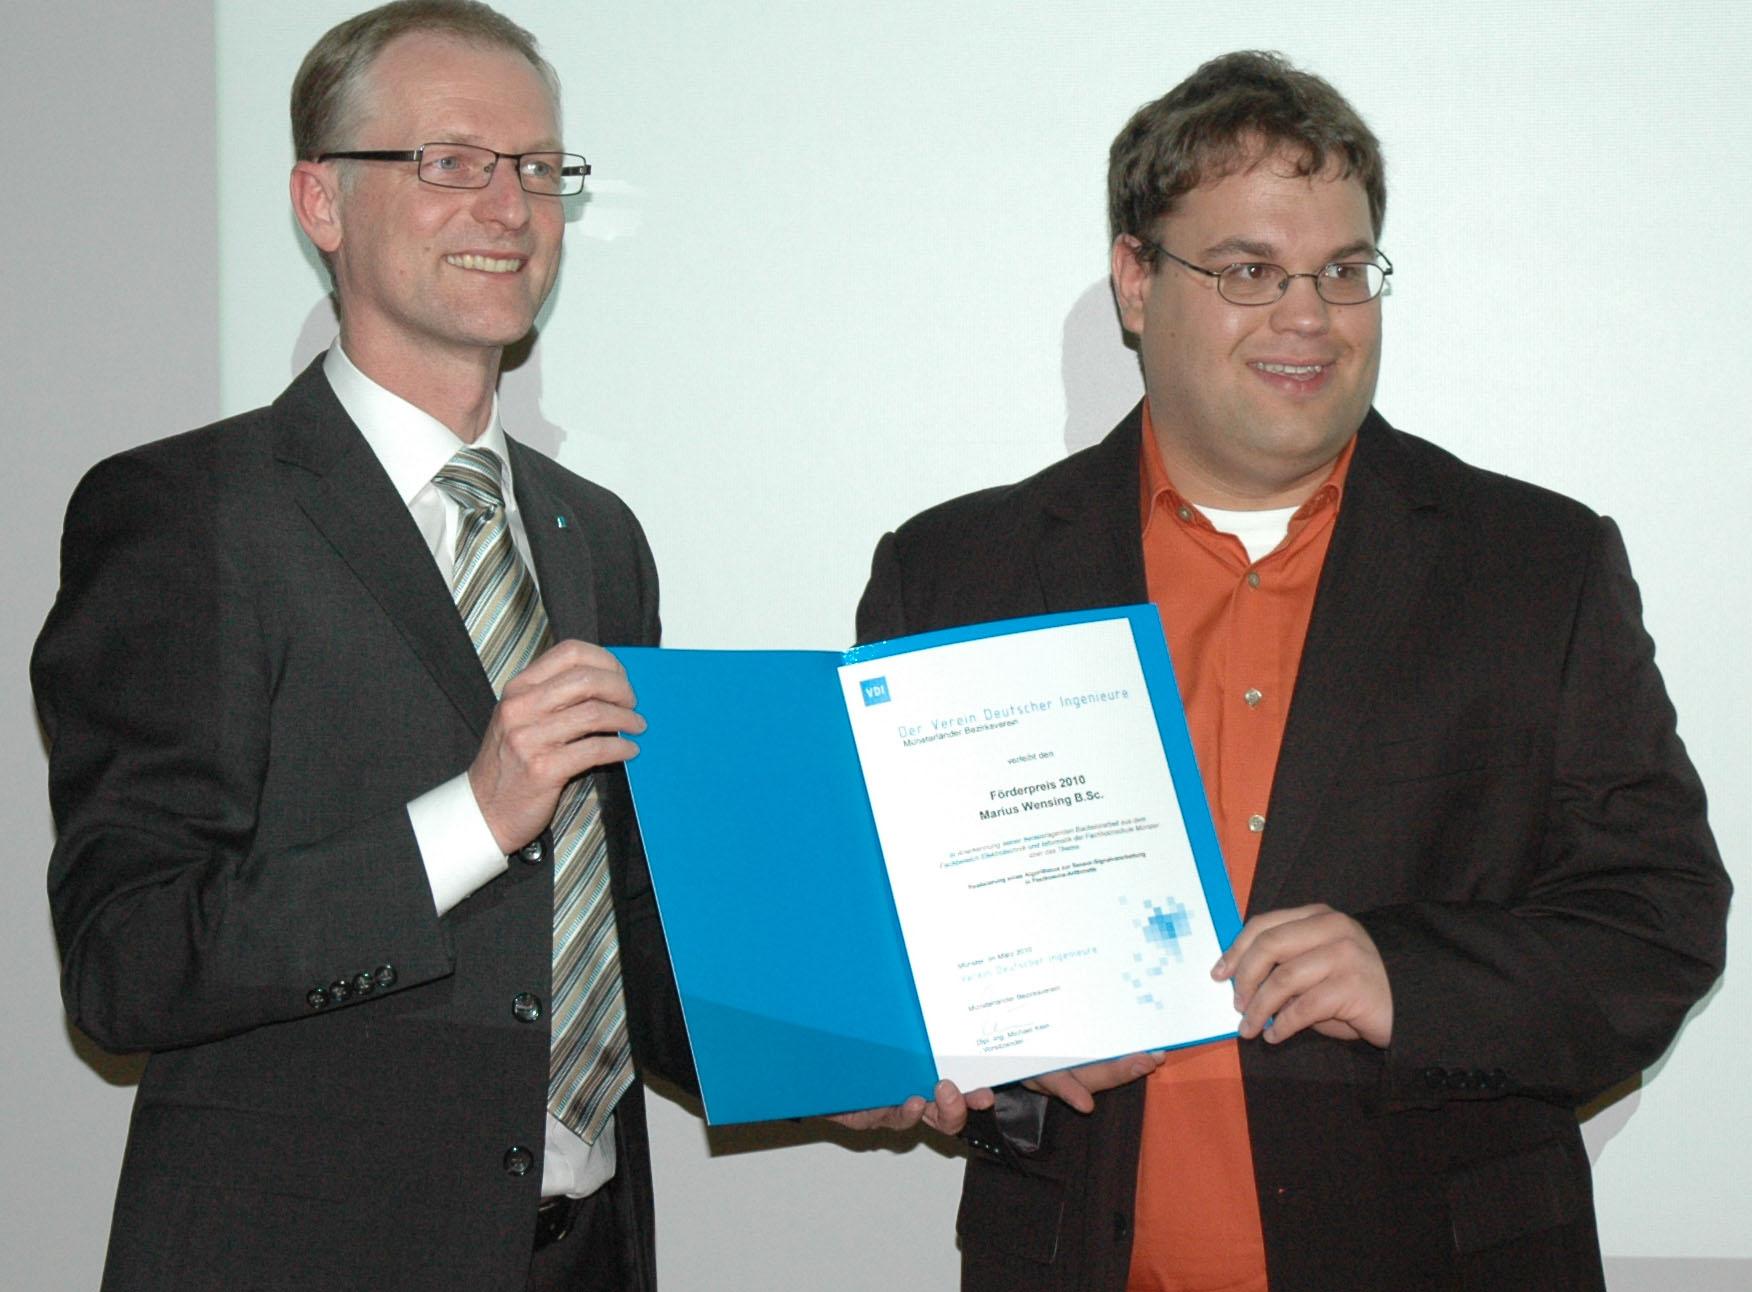 Zwei Personen mit Urkunde in der Hand